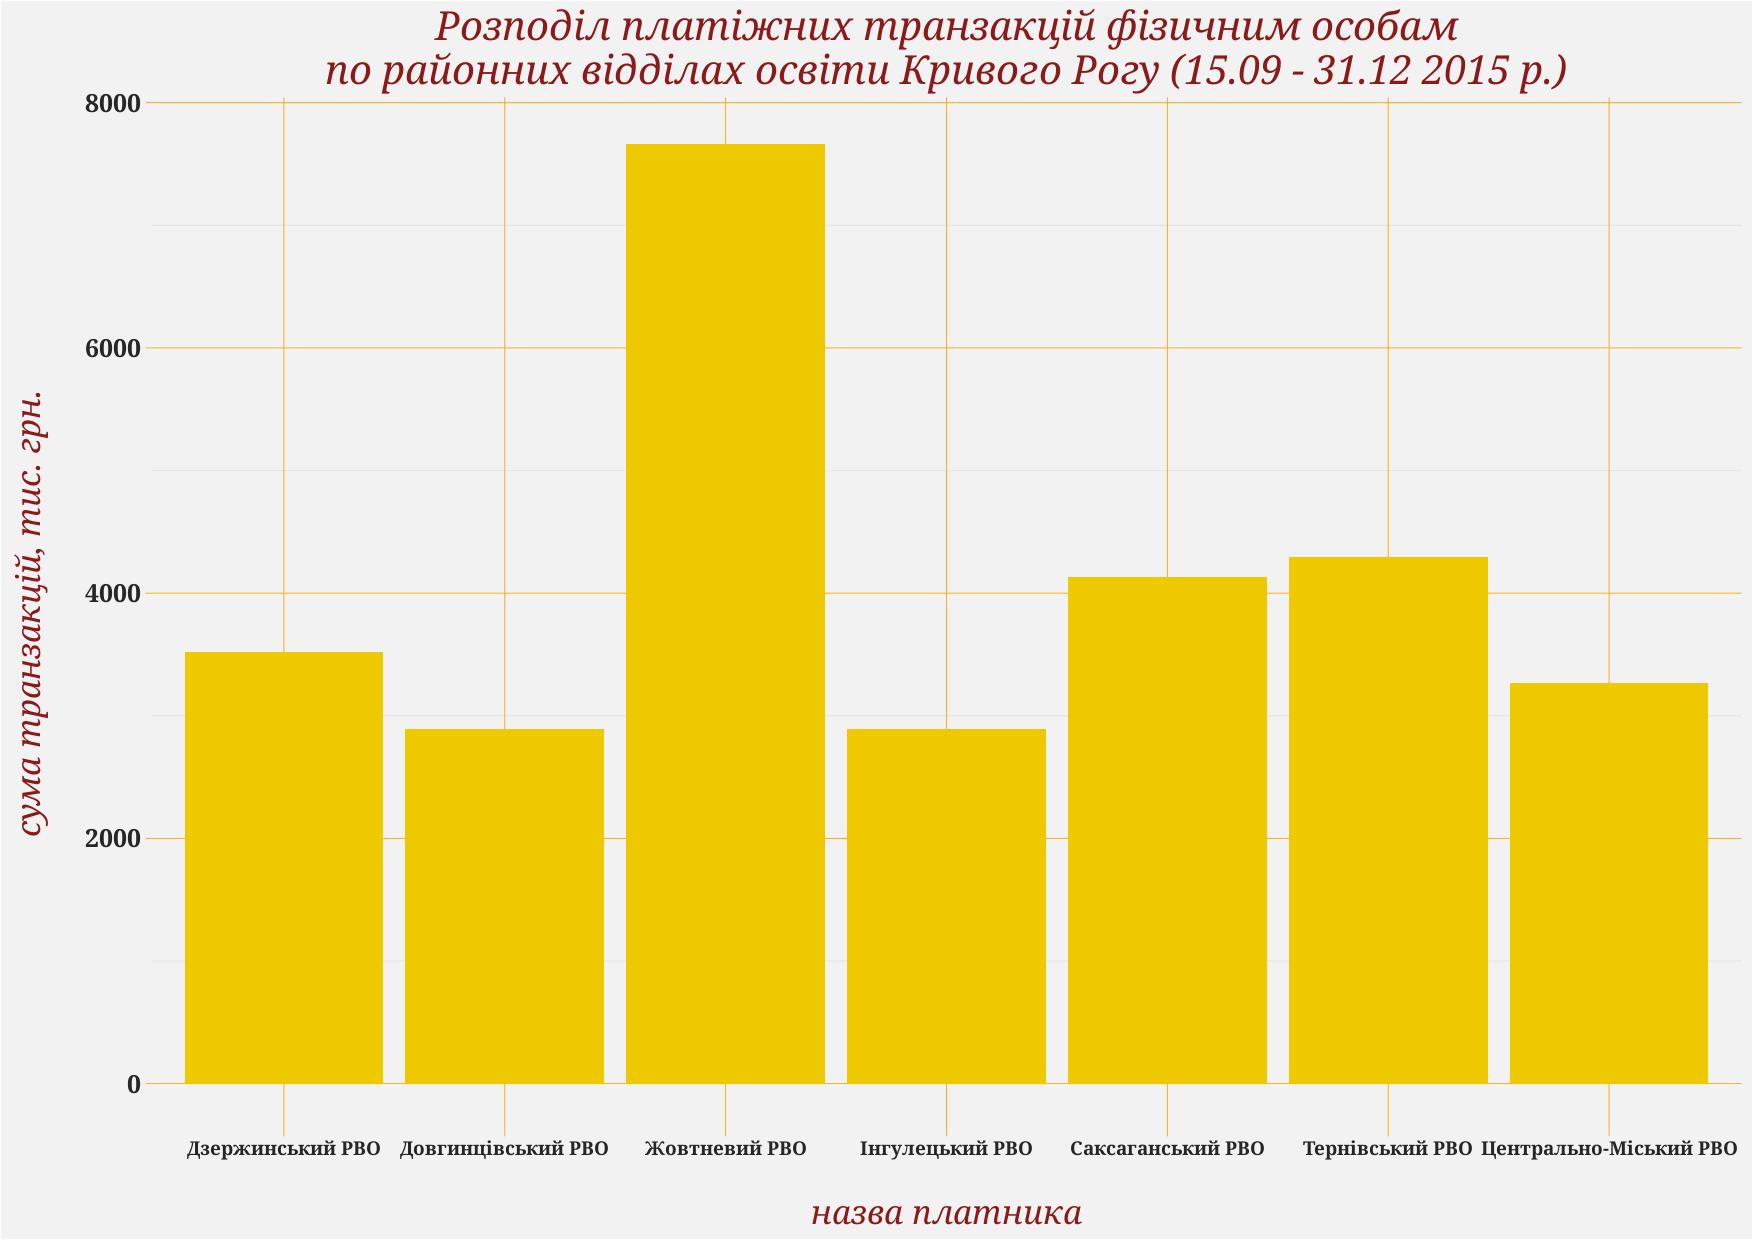 Розподіл платіжних транзакцій фізичним особам по районних відділах освіти Кривого Рогу